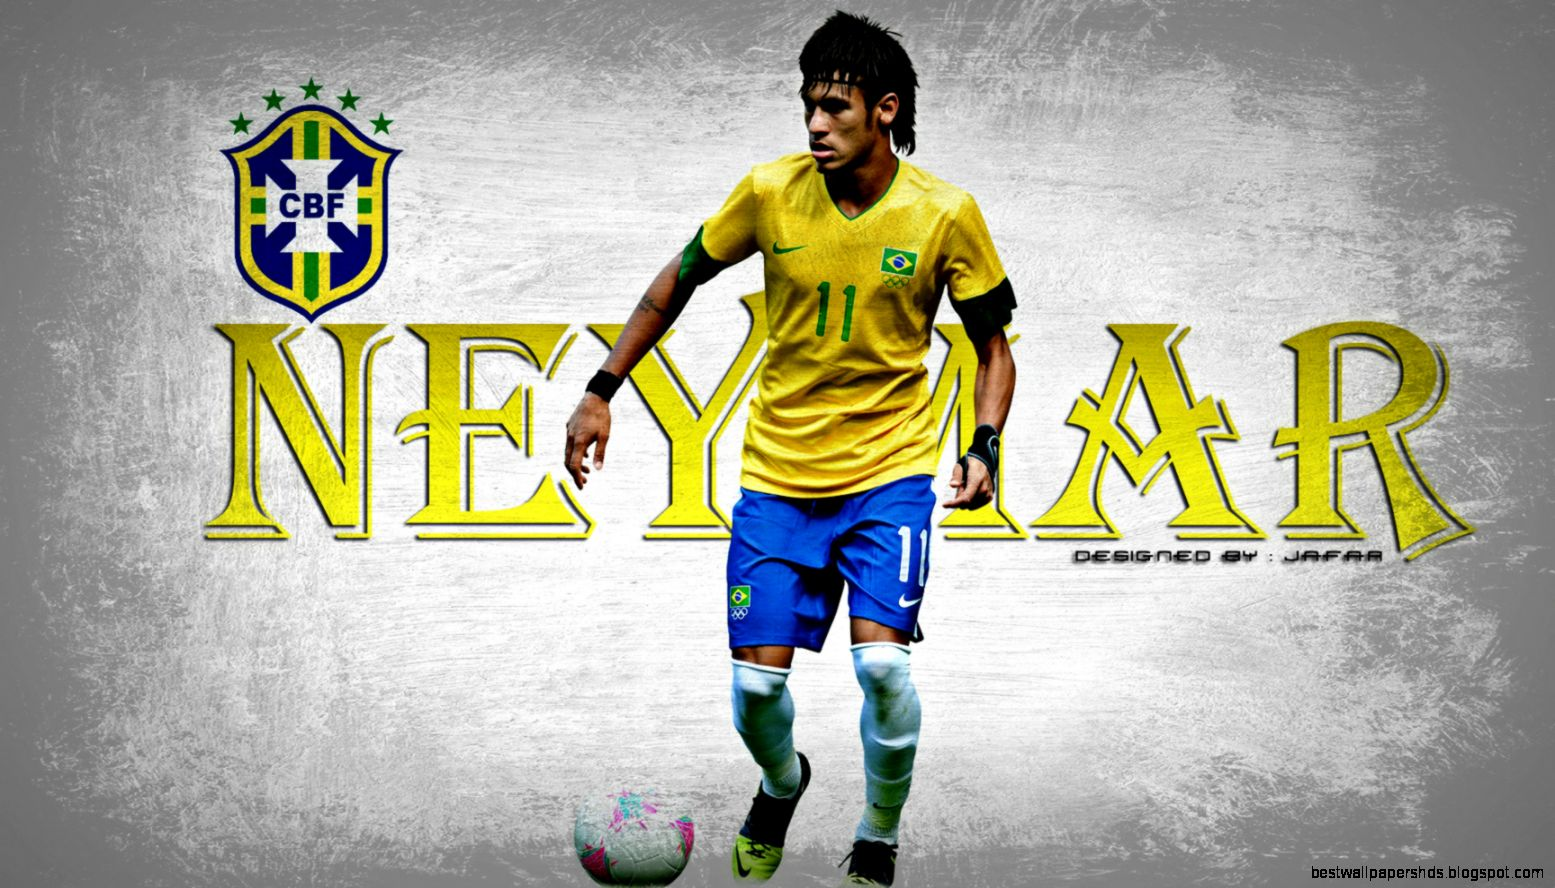 neymar 2013 wallpaper hd best wallpaper hd